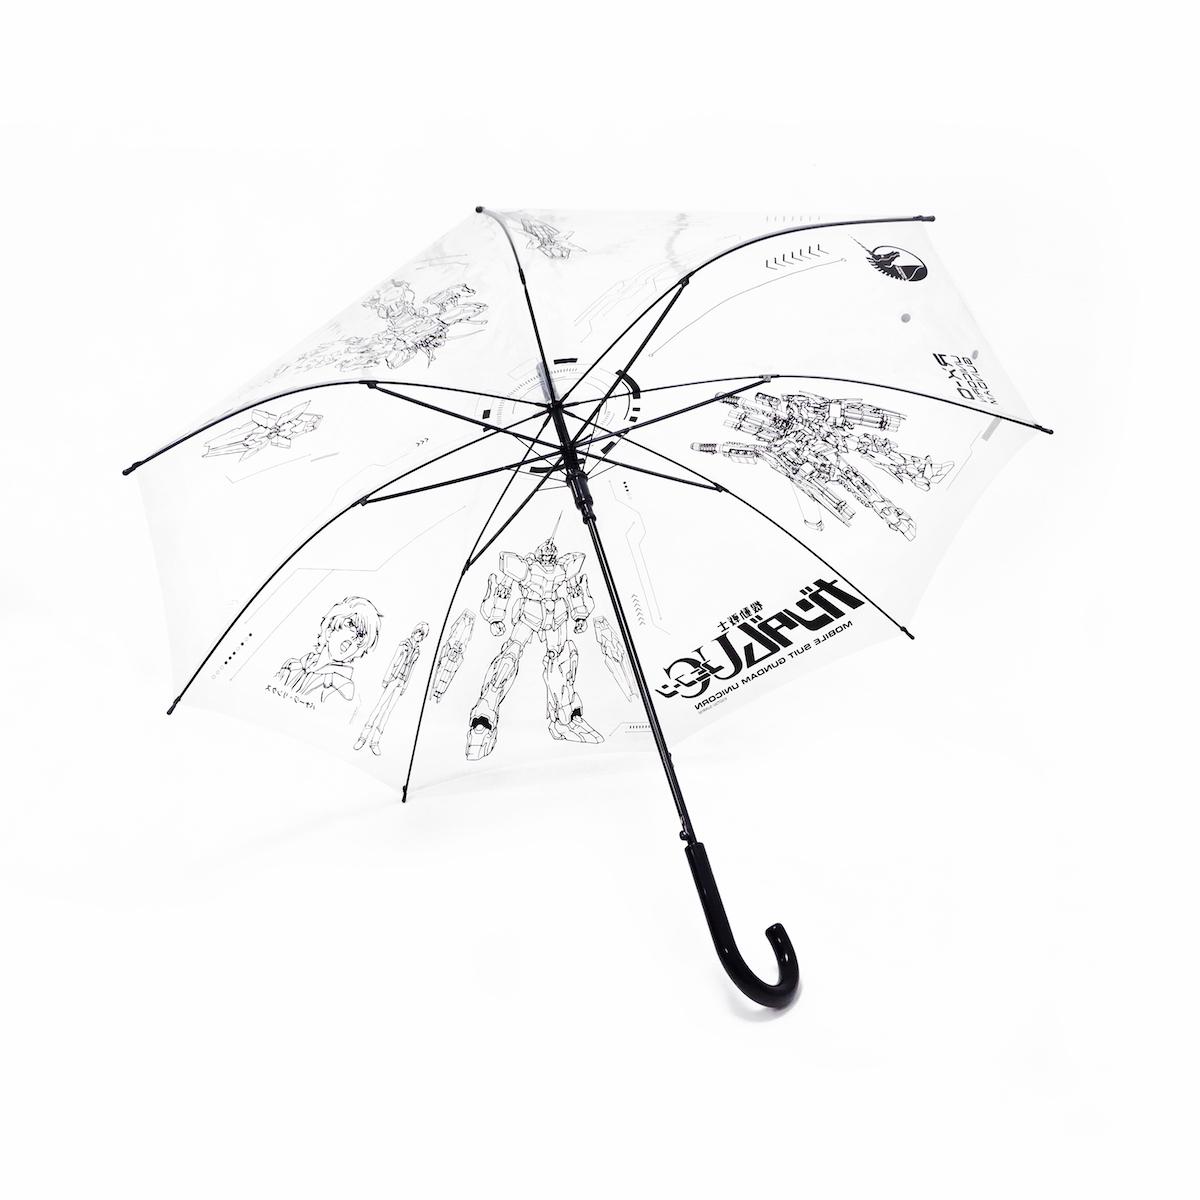 13 雨傘.jpg